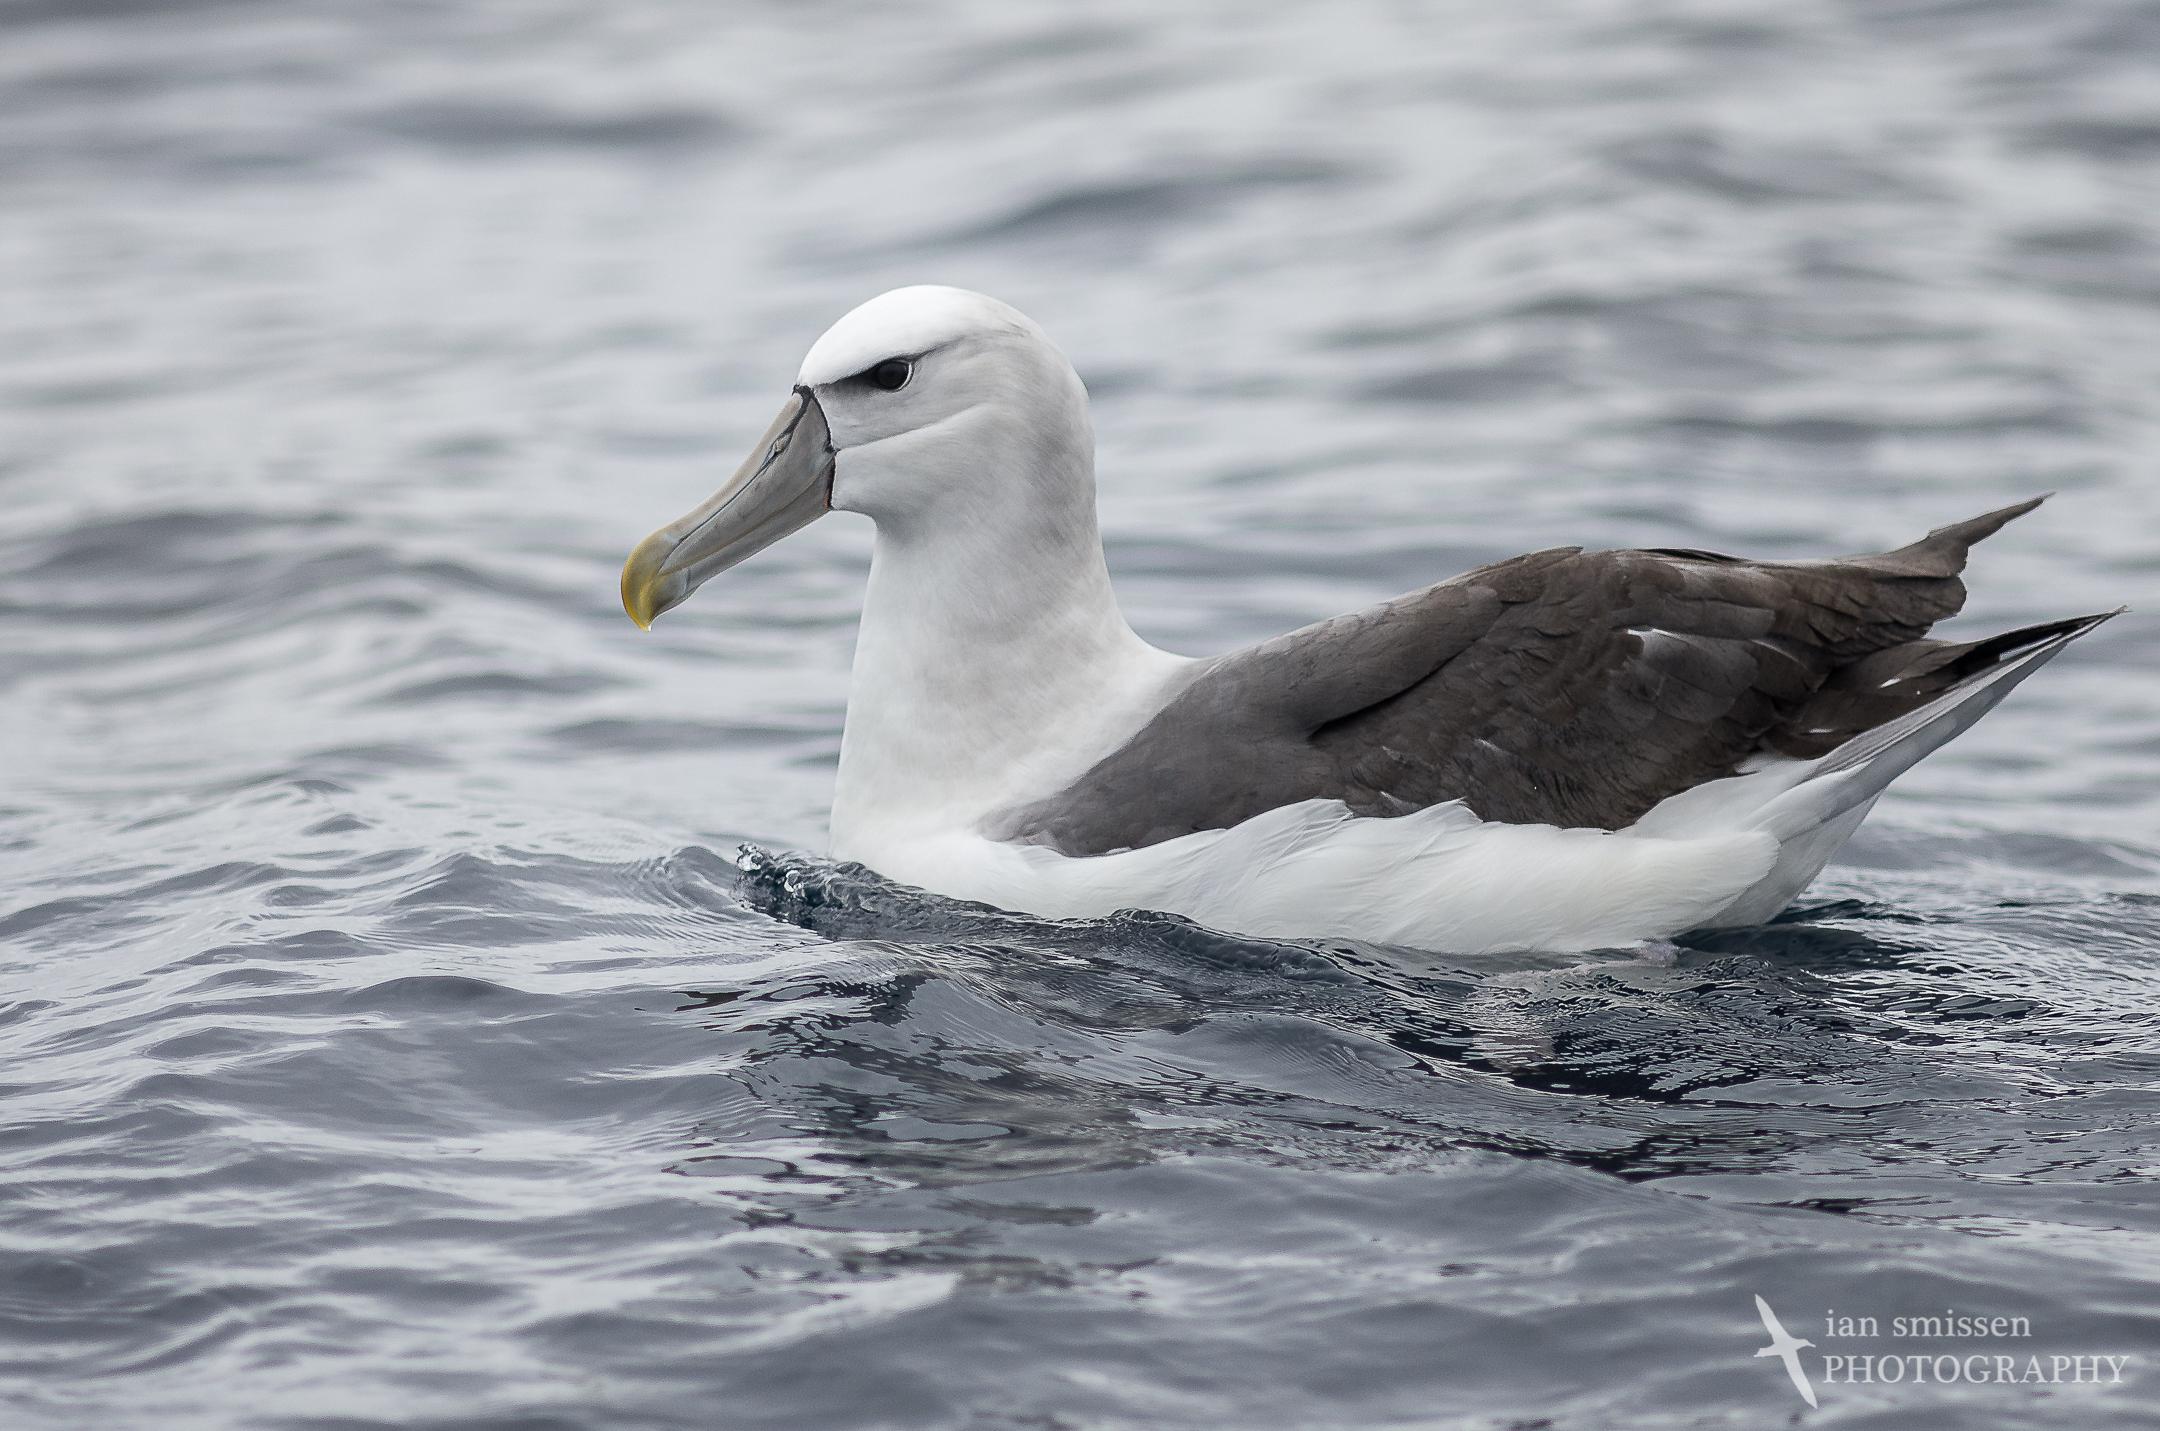 White-capped (Shy) Albatross